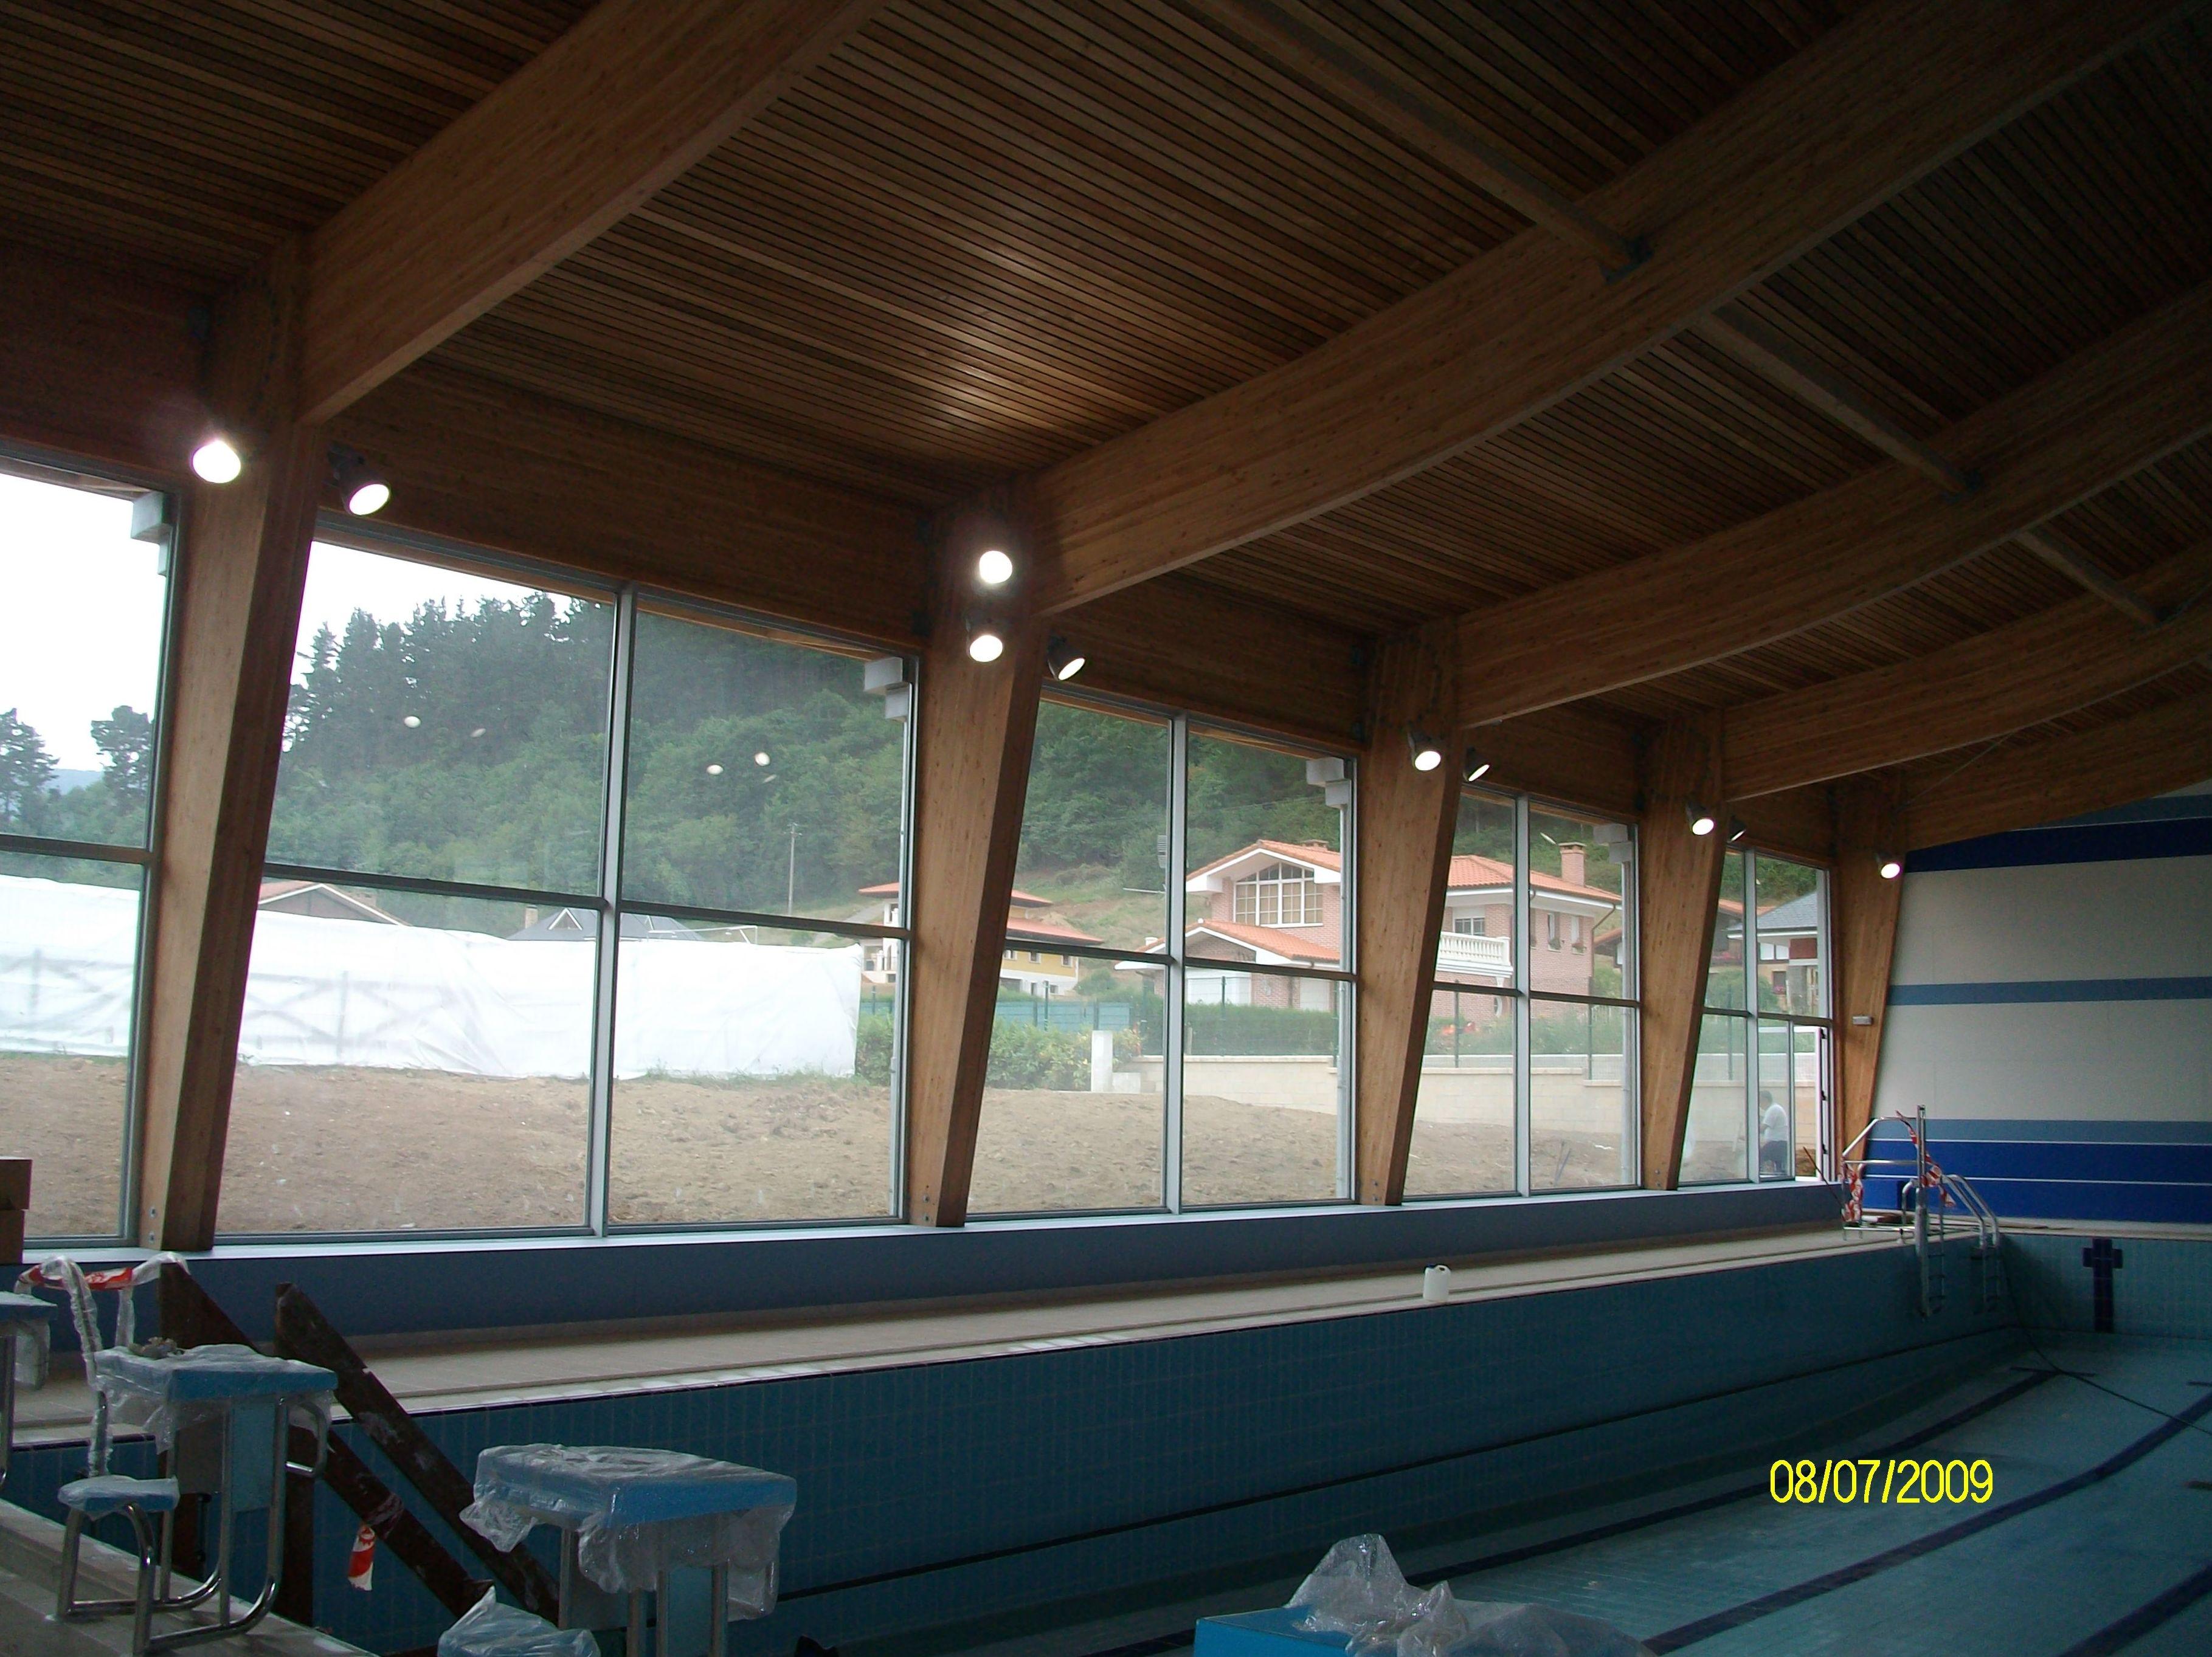 Limpieza de piscinas cubiertas de Sodupe para la empresa Exbasa